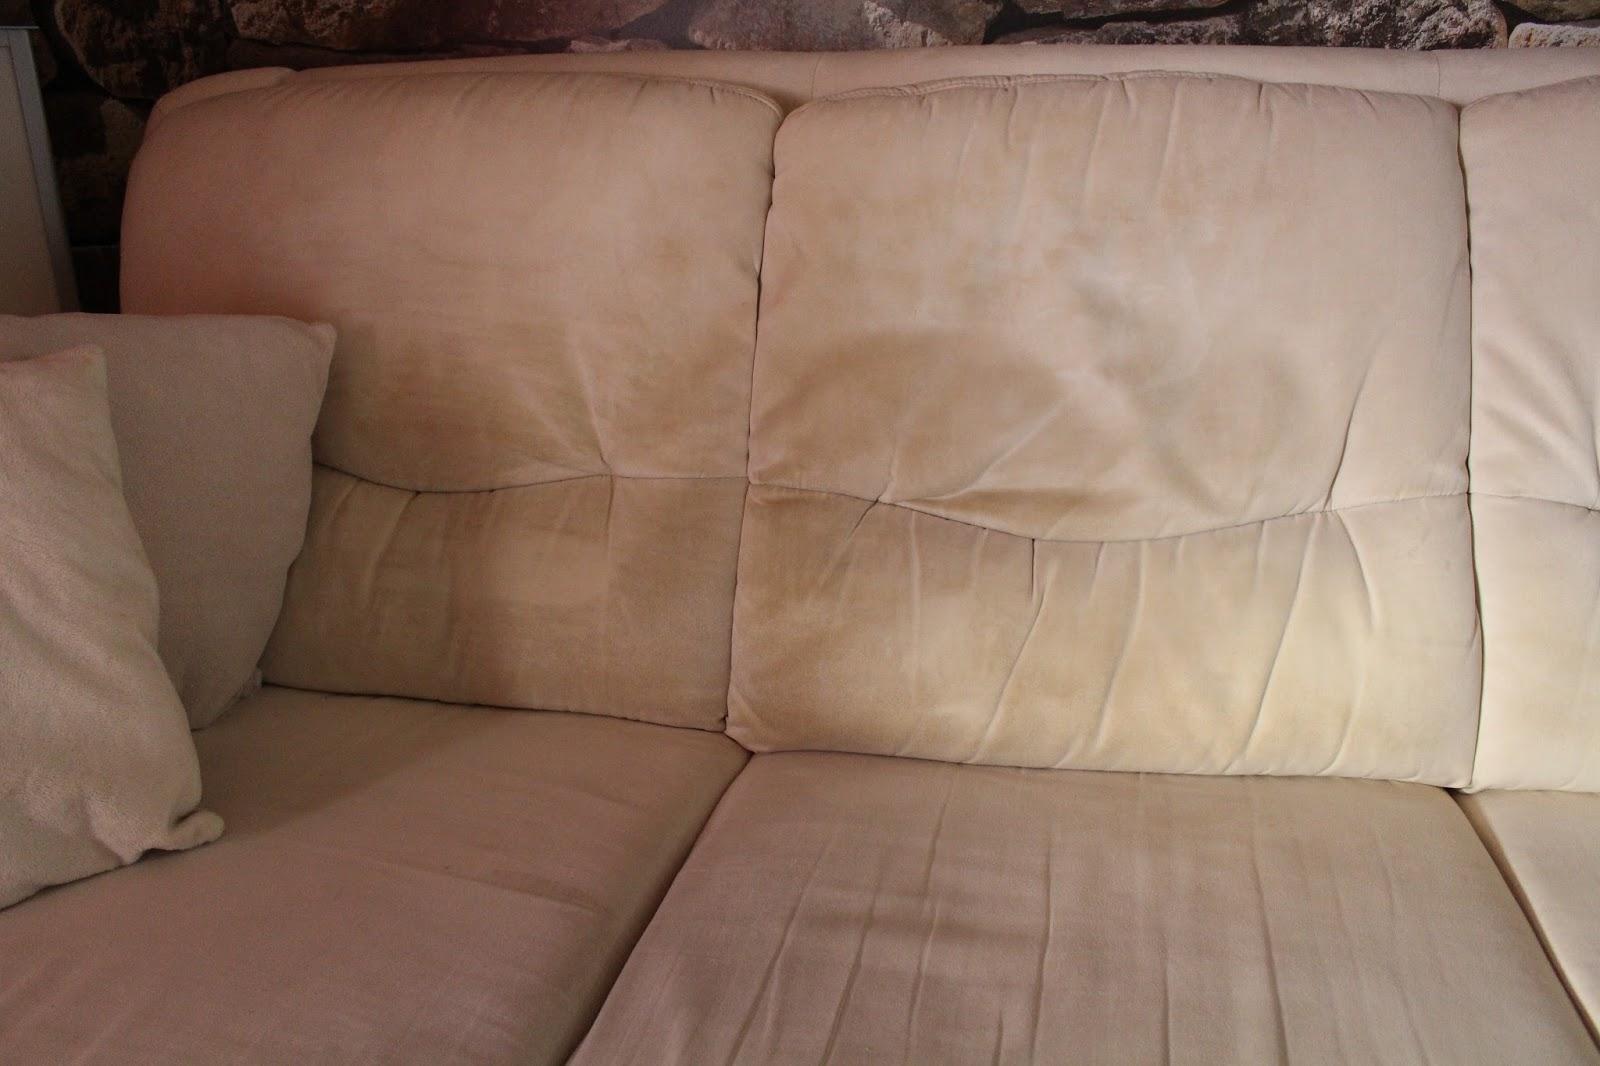 Sofa Reinigen jucheer testet sofa reinigen mit der lederpflege lck